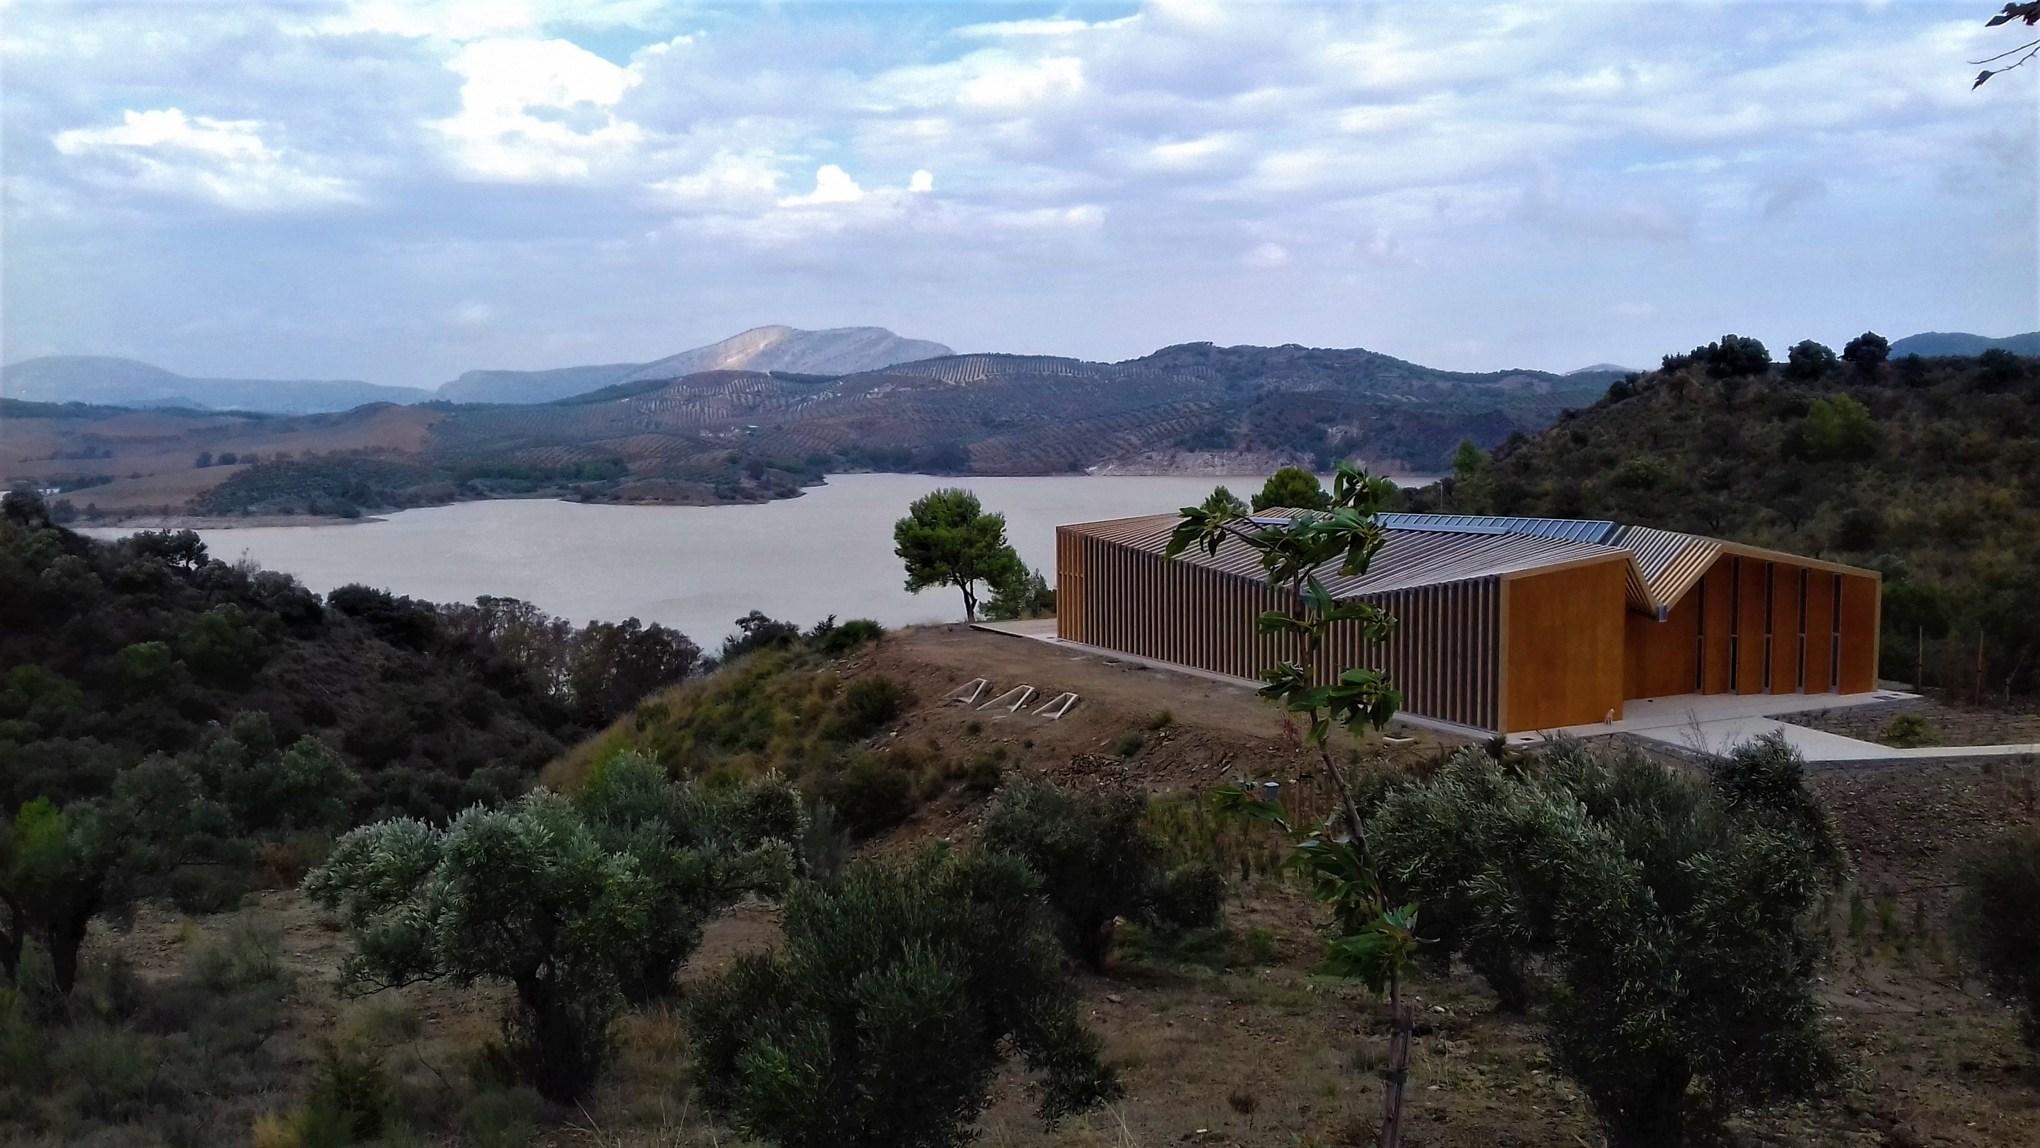 Španělsko, informační centrum Caminito Del Ray